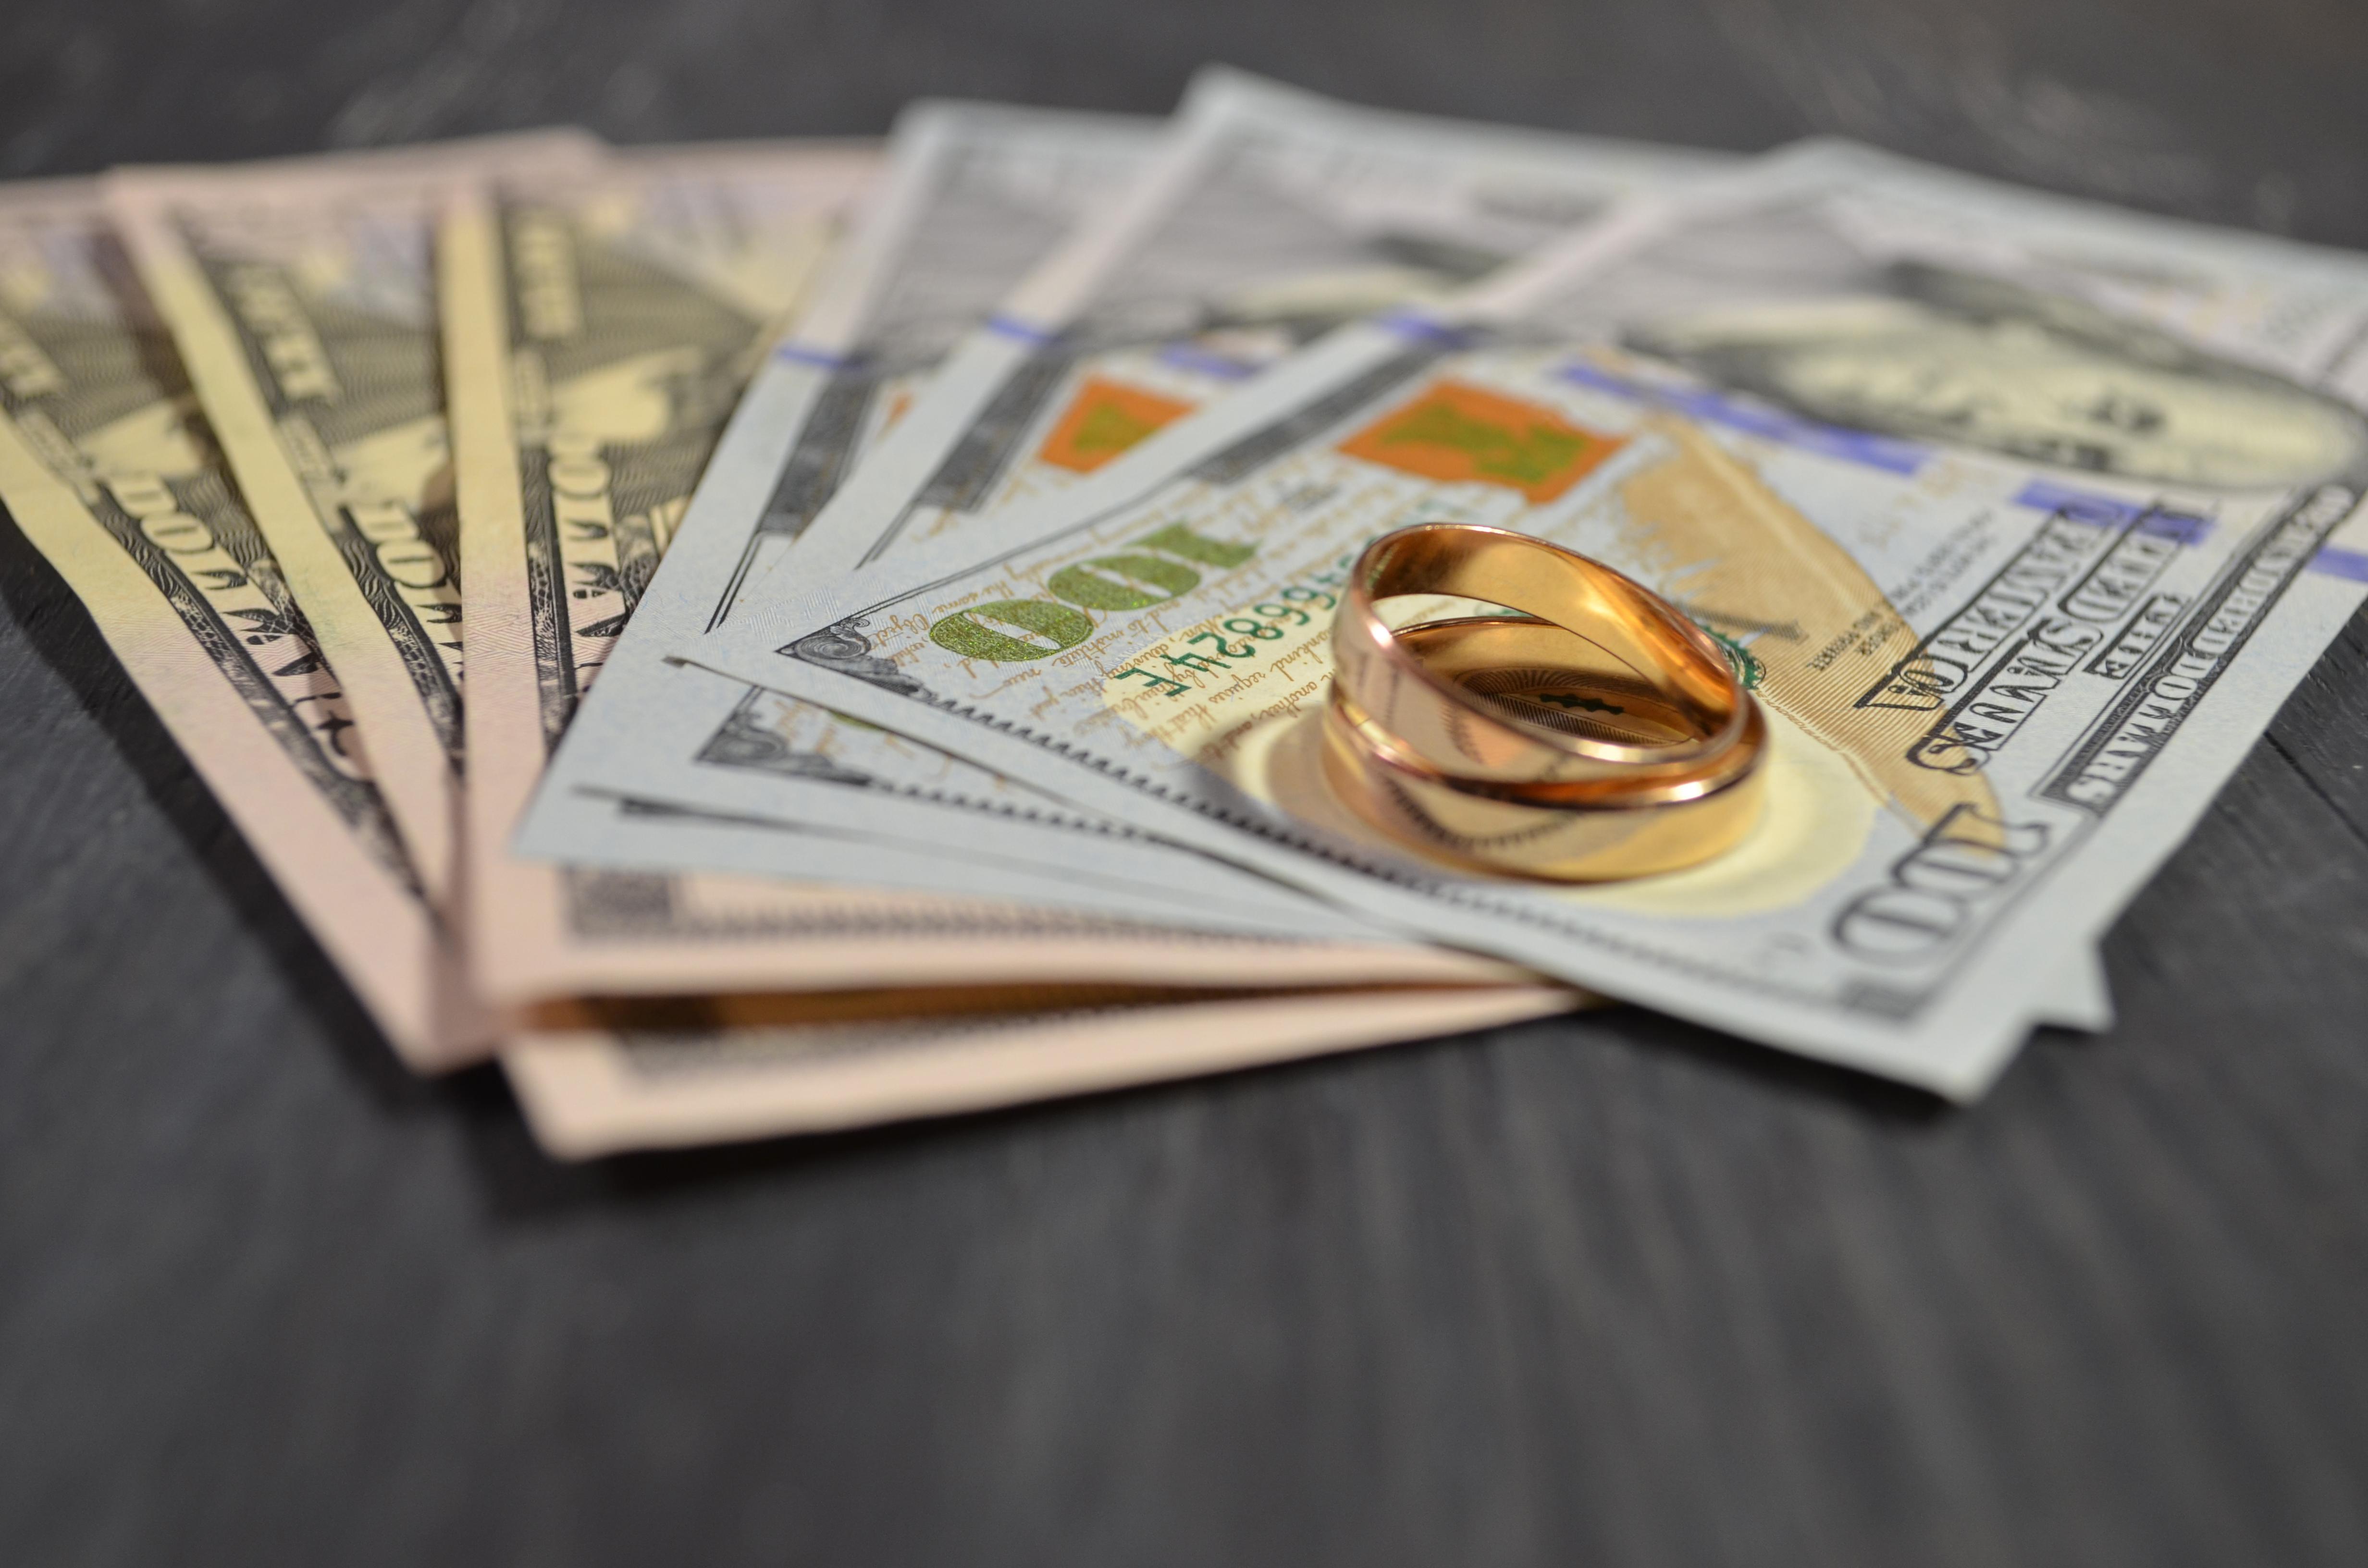 Обручальные кольца и деньги, за которые можно оформить фиктивный брак